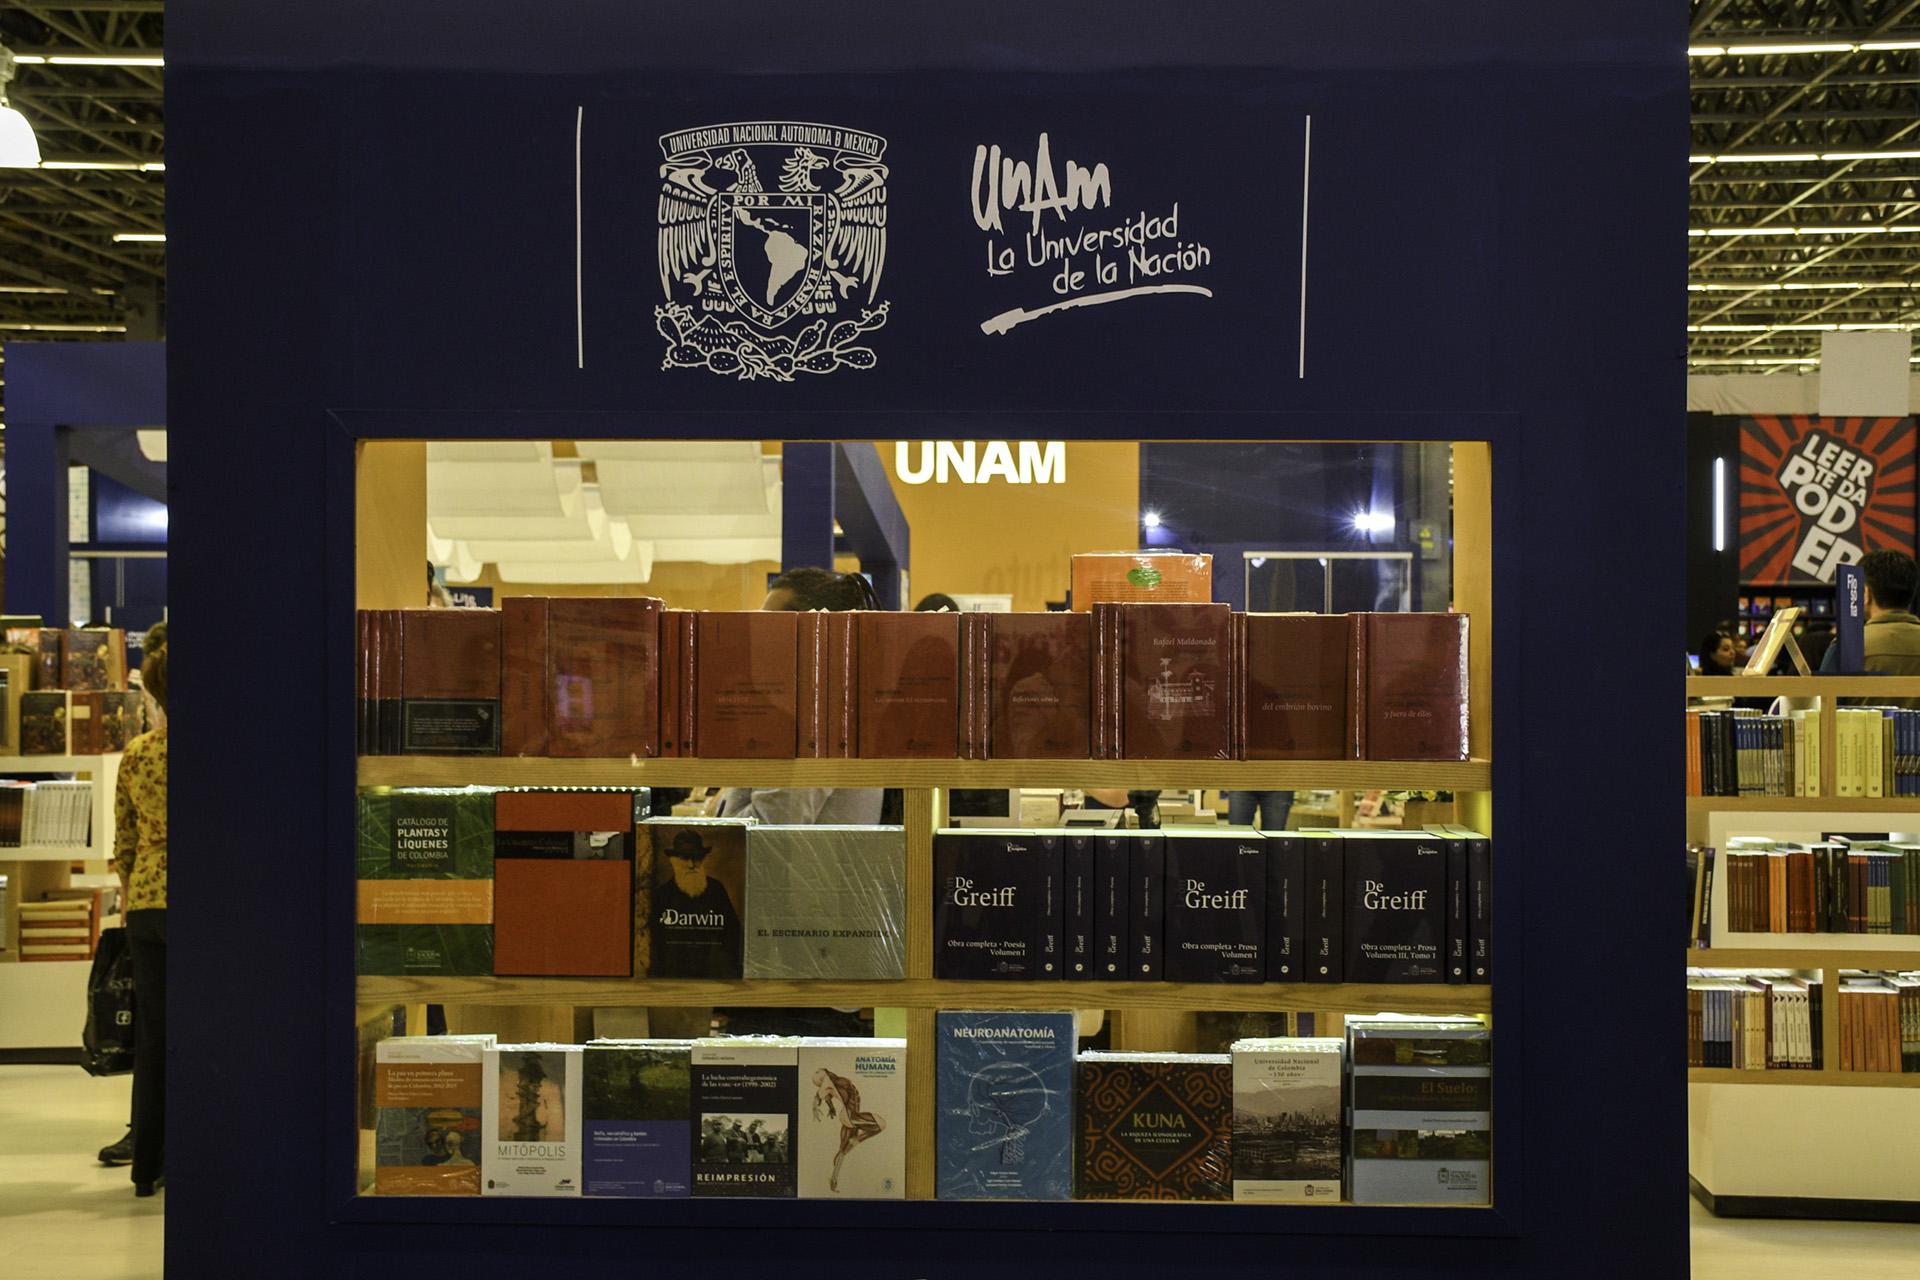 Publicaciones de la Universidad Nacional de Colombia (Foto: David Sánchez / Editorial UN)